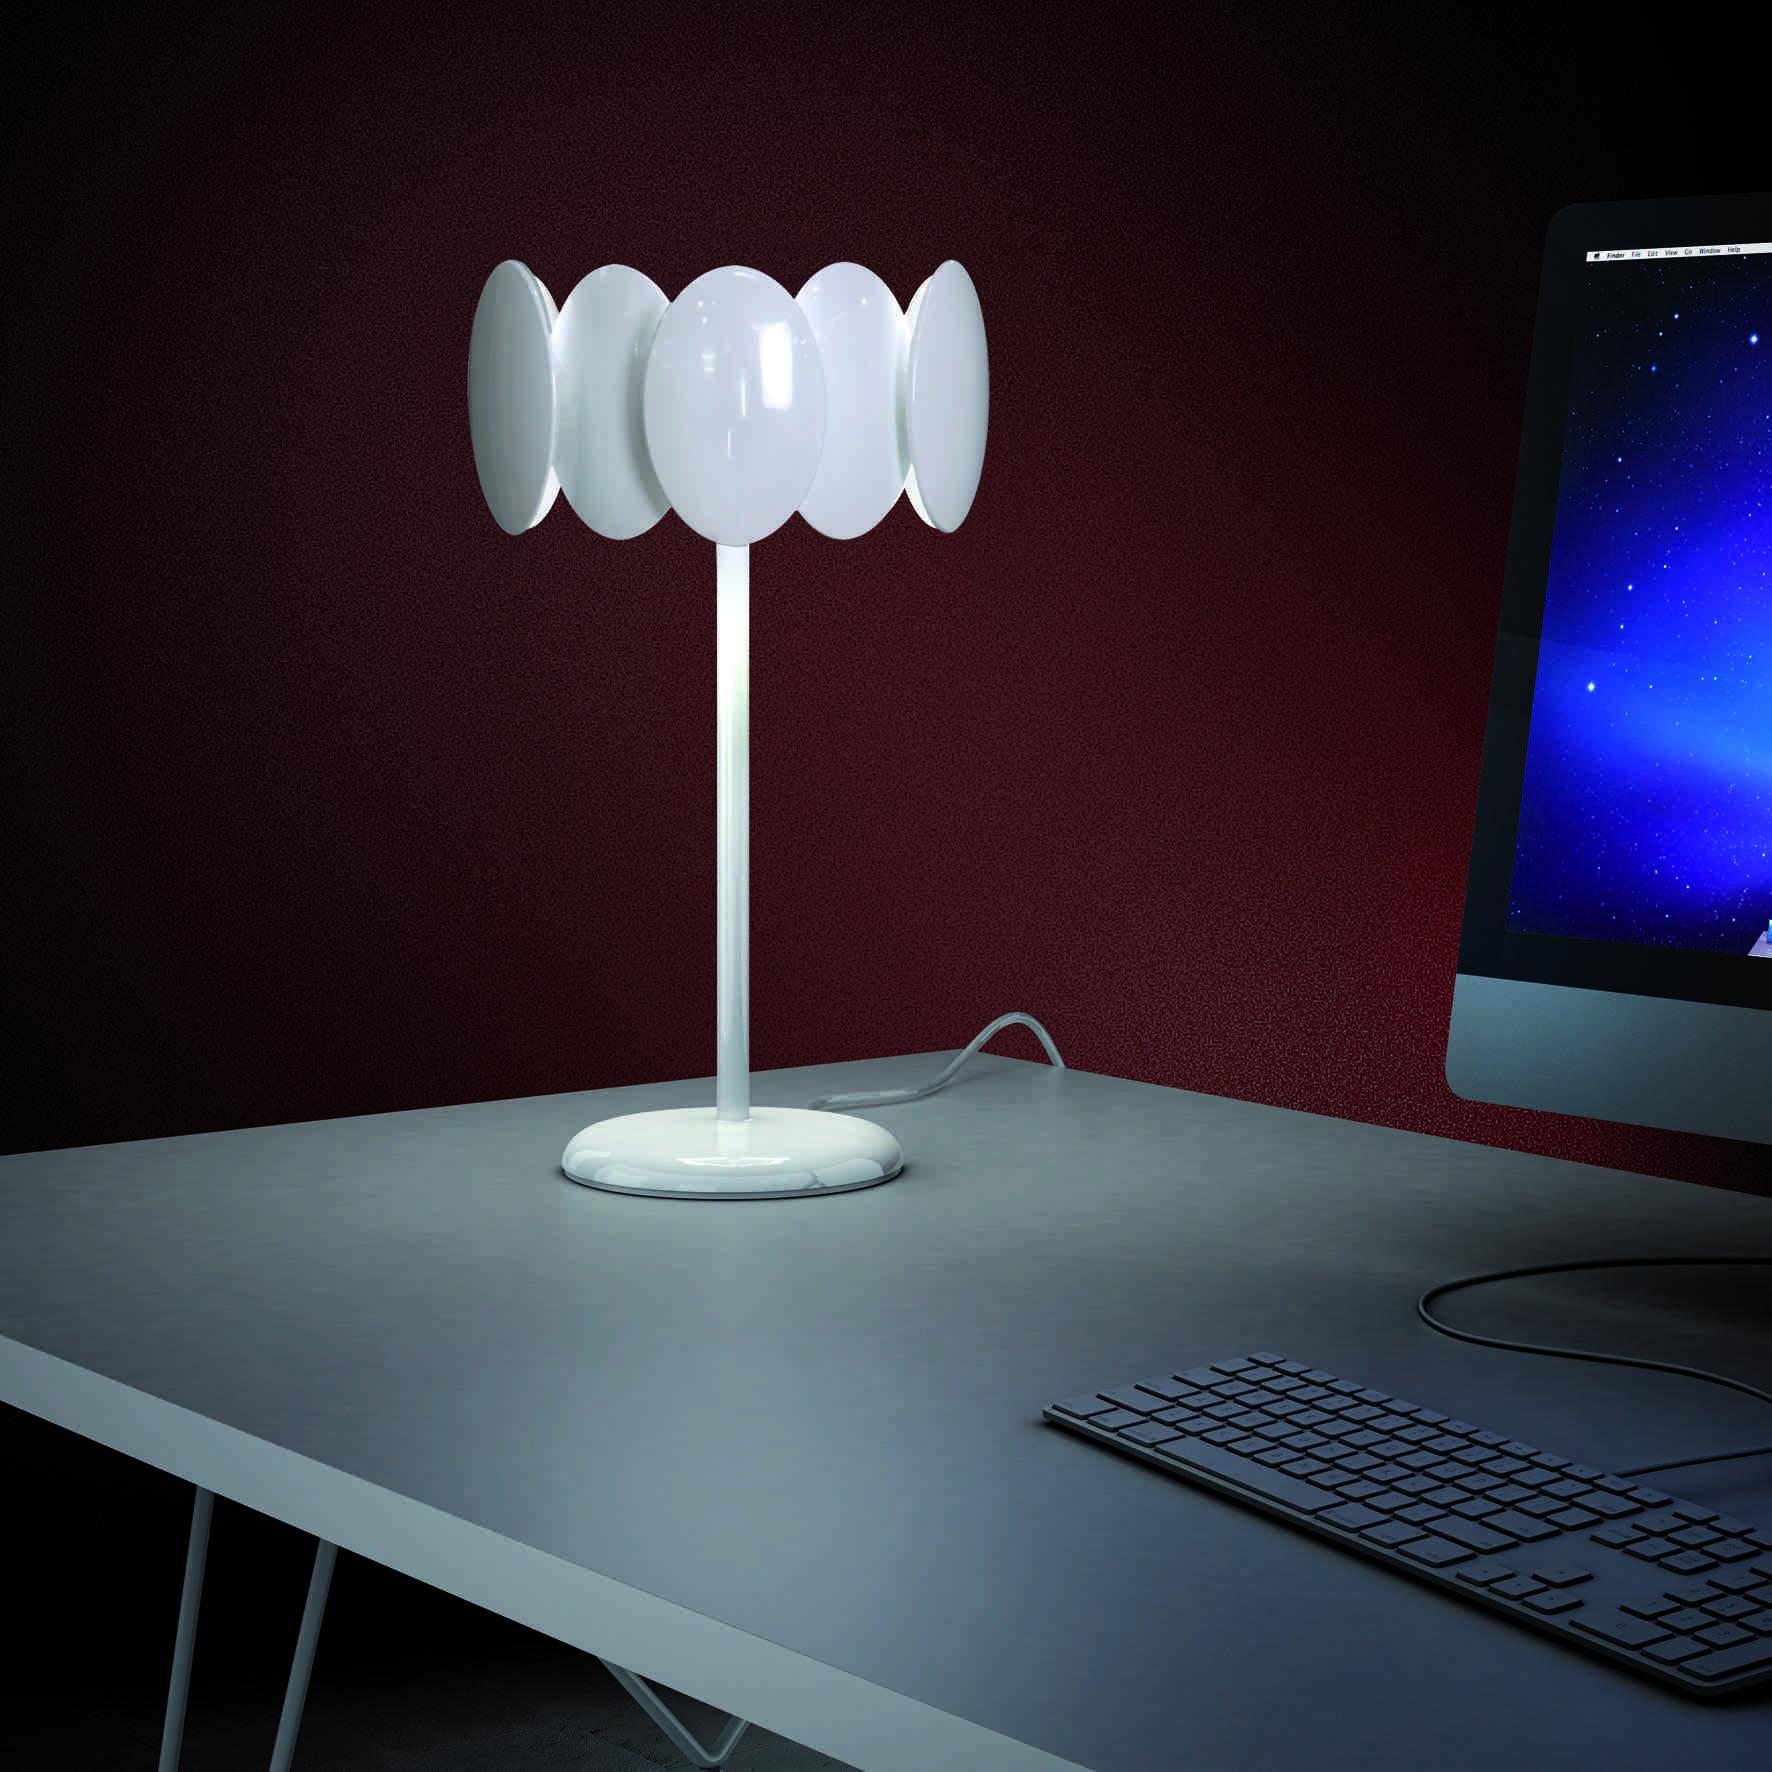 lampara obolo de milan ilumnacion sobre mesa